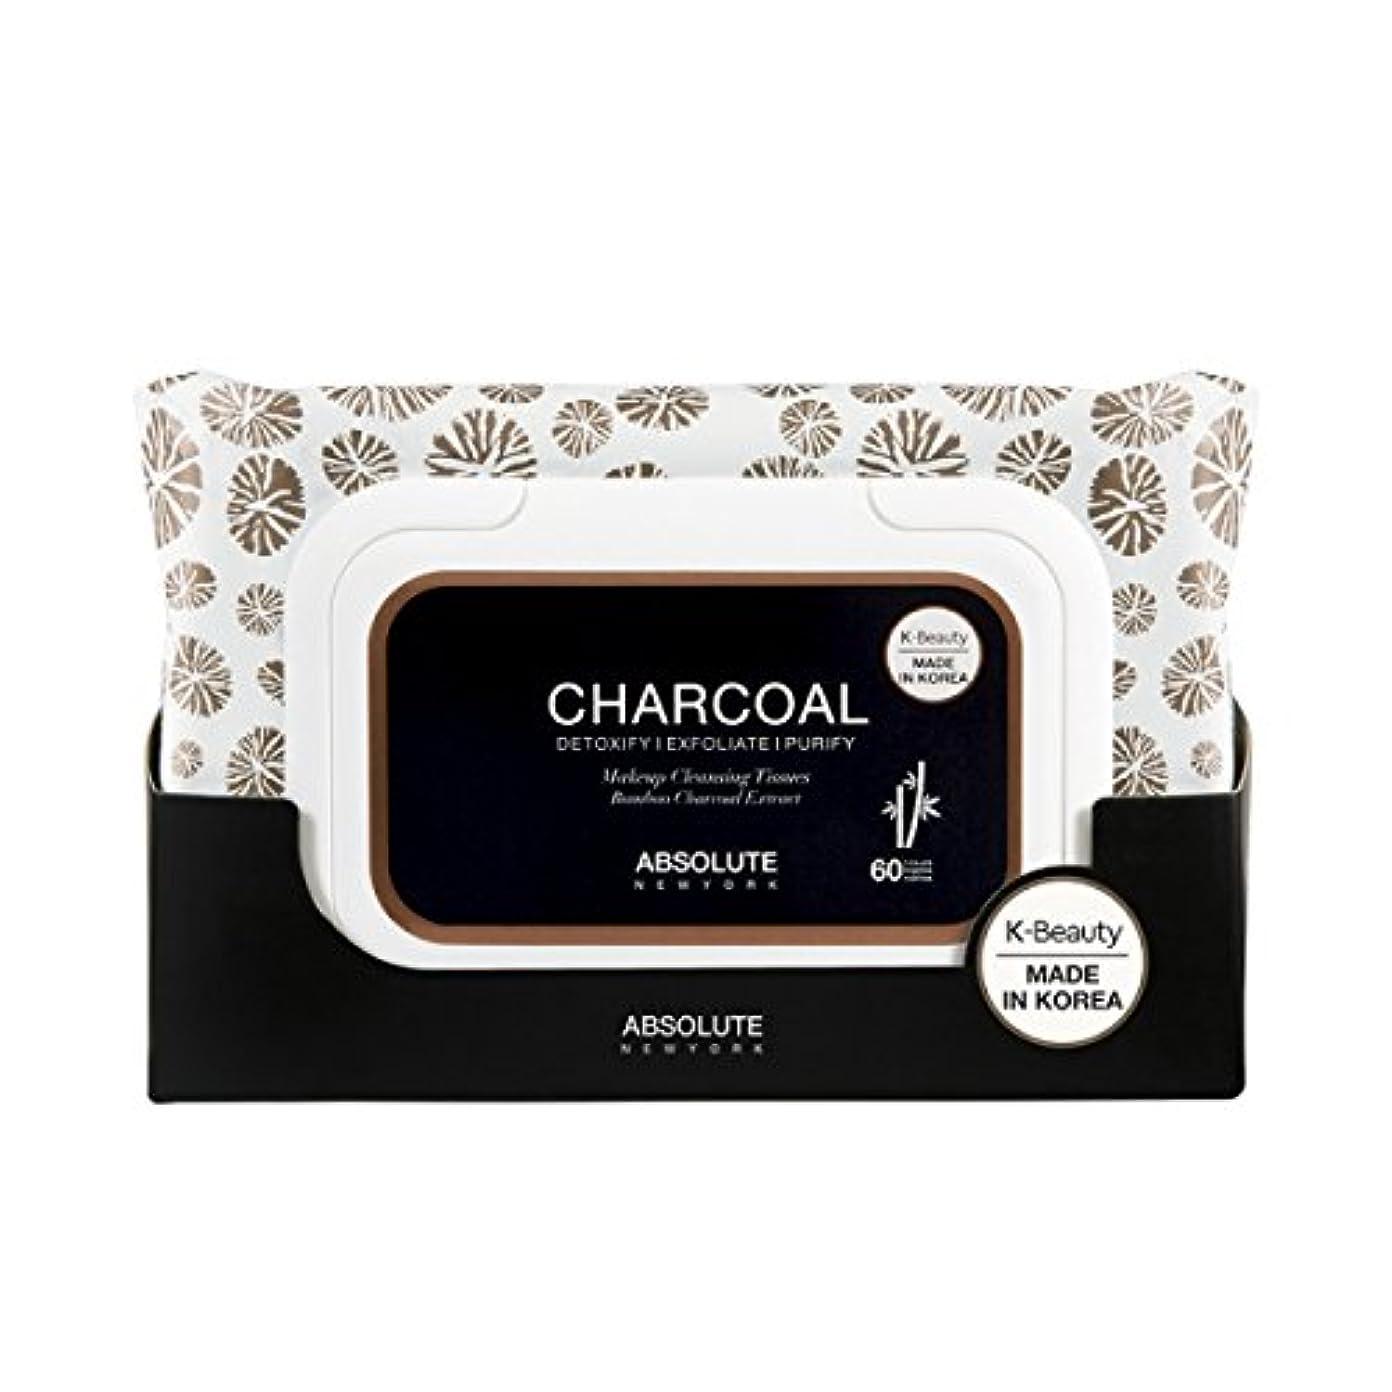 終点弾力性のある検出(3 Pack) ABSOLUTE Charcoal Cleansing Tissue (並行輸入品)